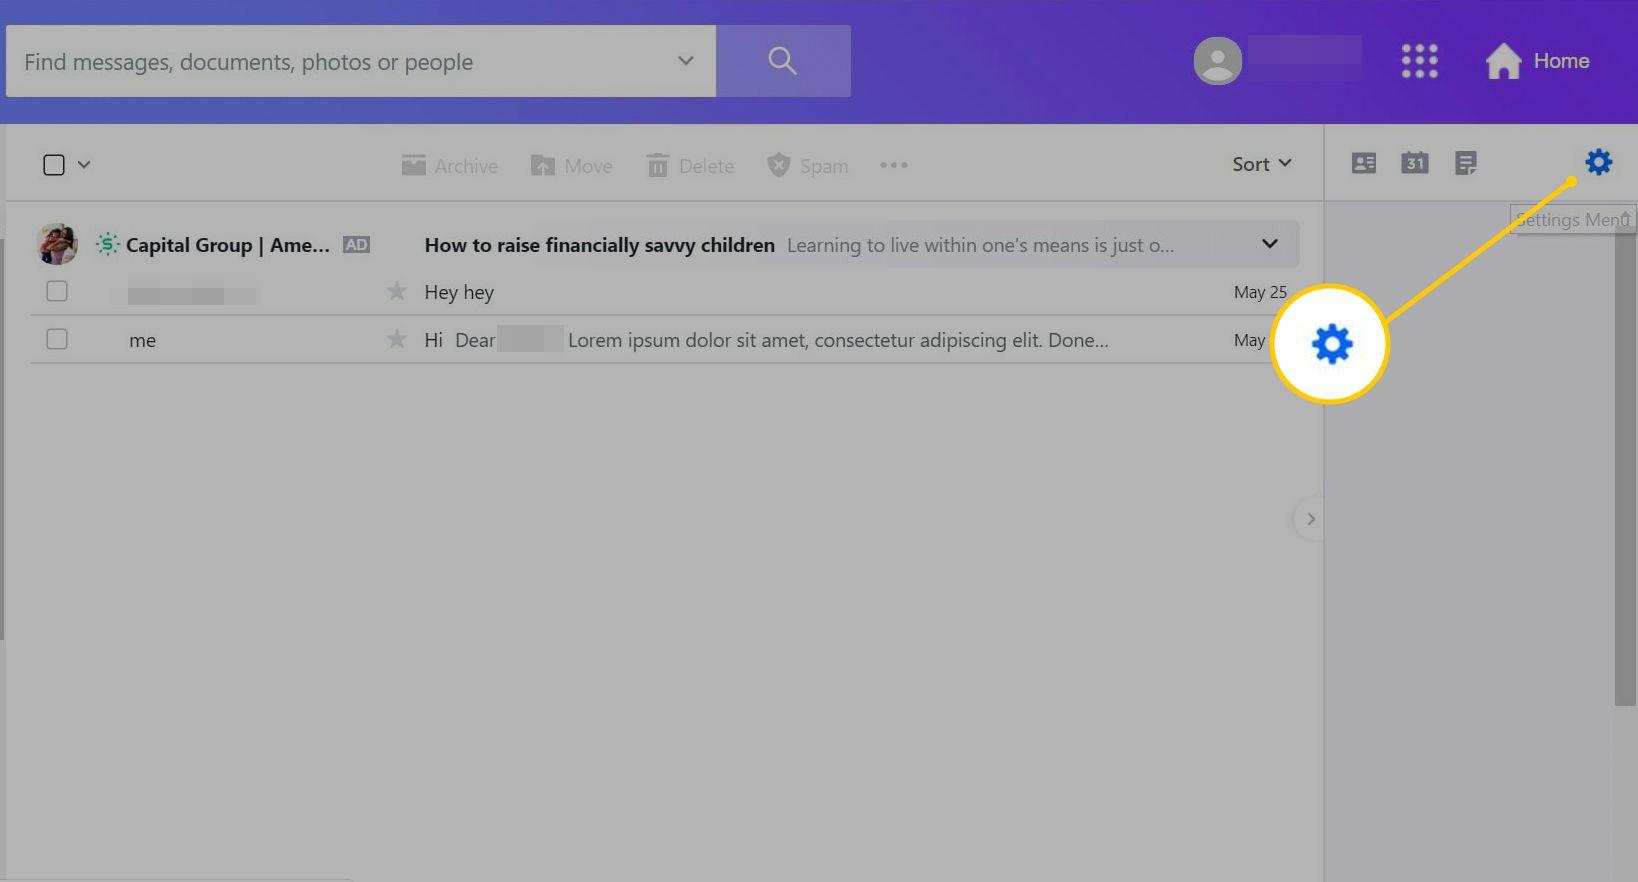 ska jag göra online dating Yahoo svar sånger om att vilja ansluta sig till en kille